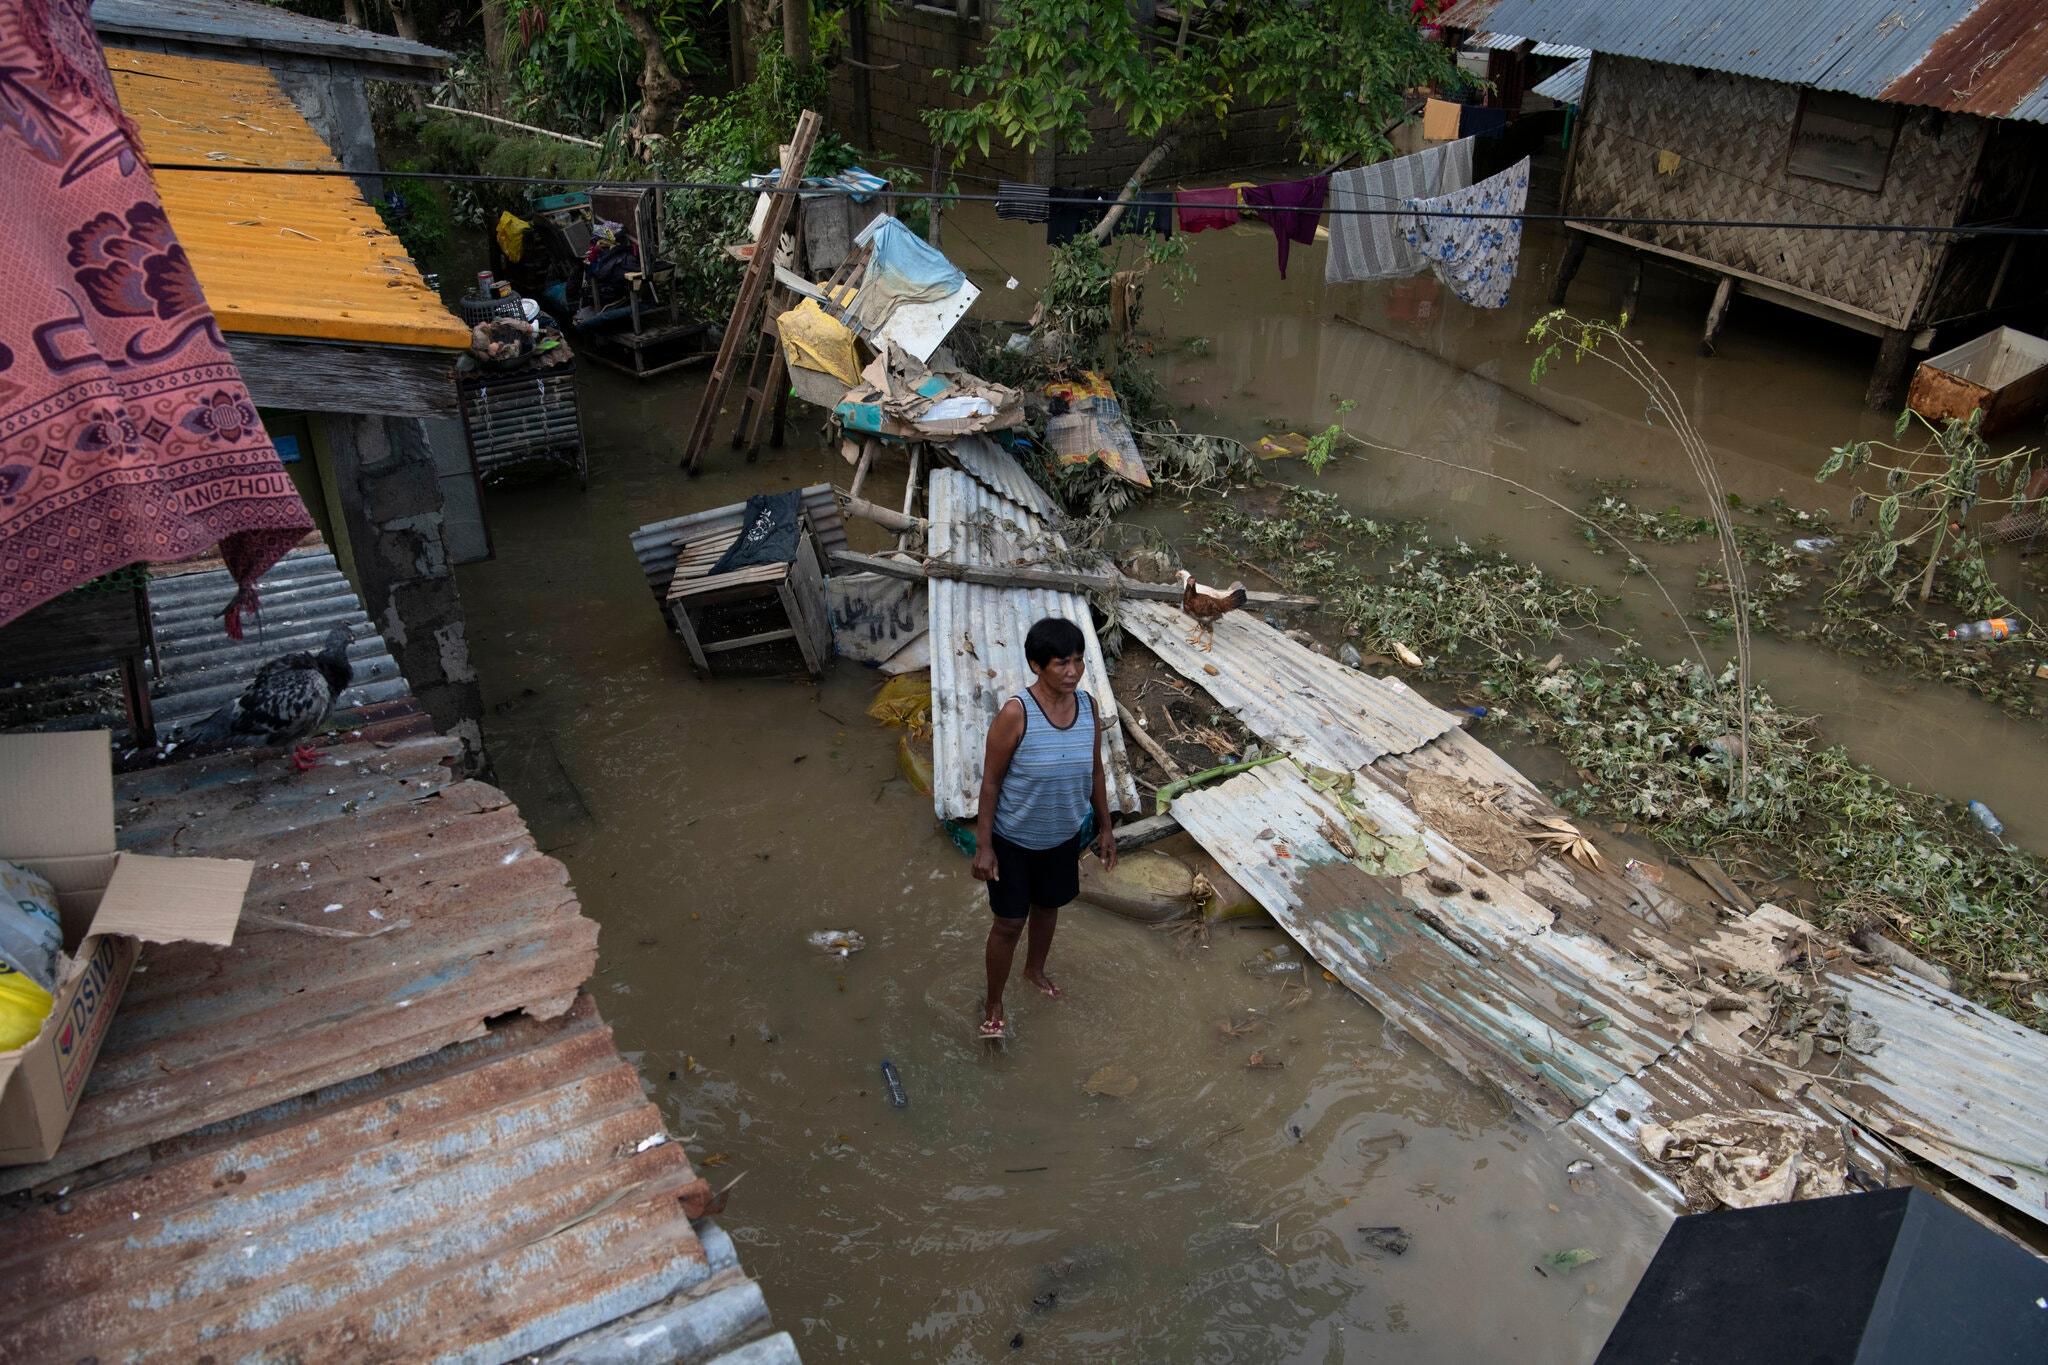 أقوى أعاصير القرن منذ عام 1932 يخلف عشرات القتلى في أمريكا الوسطى